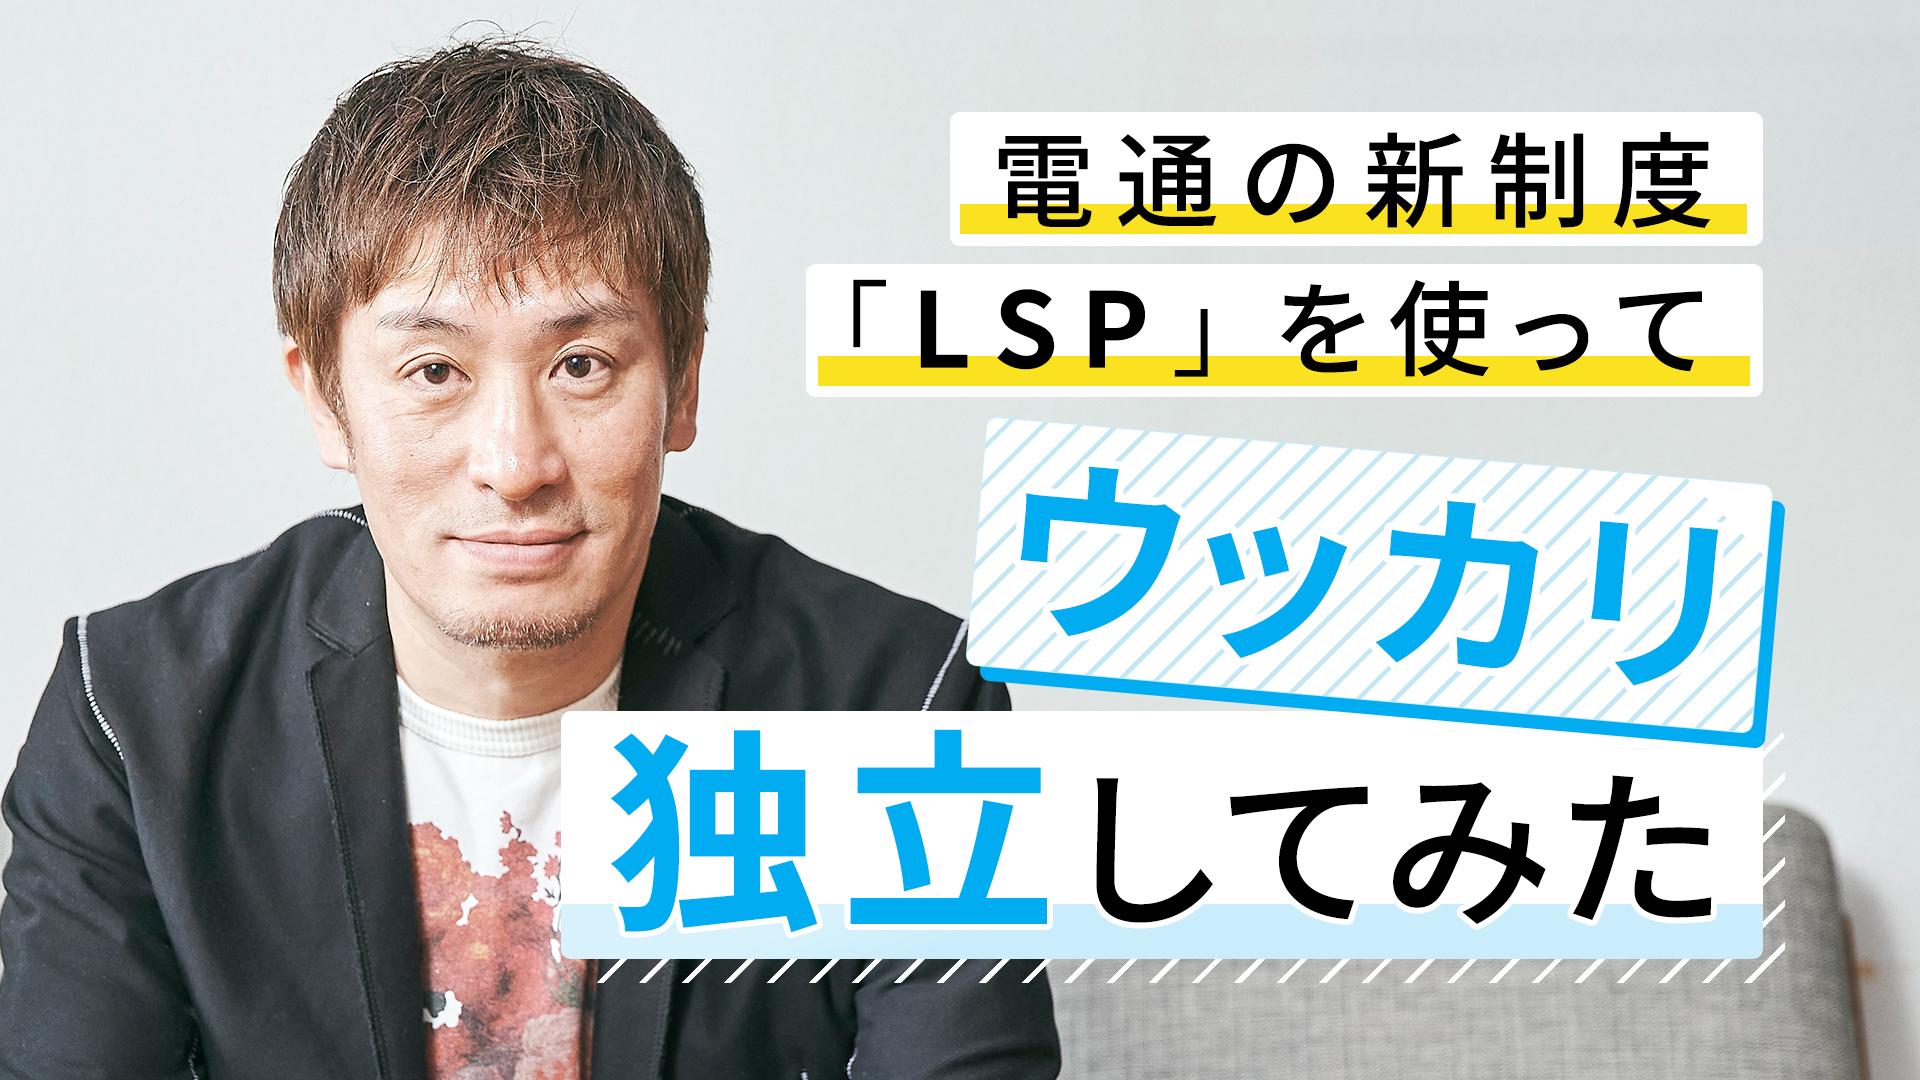 クリエイティブディレクターの中村英隆が、電通の新制度「ライフシフトプラットフォーム」を利用して会社を辞めたワケ